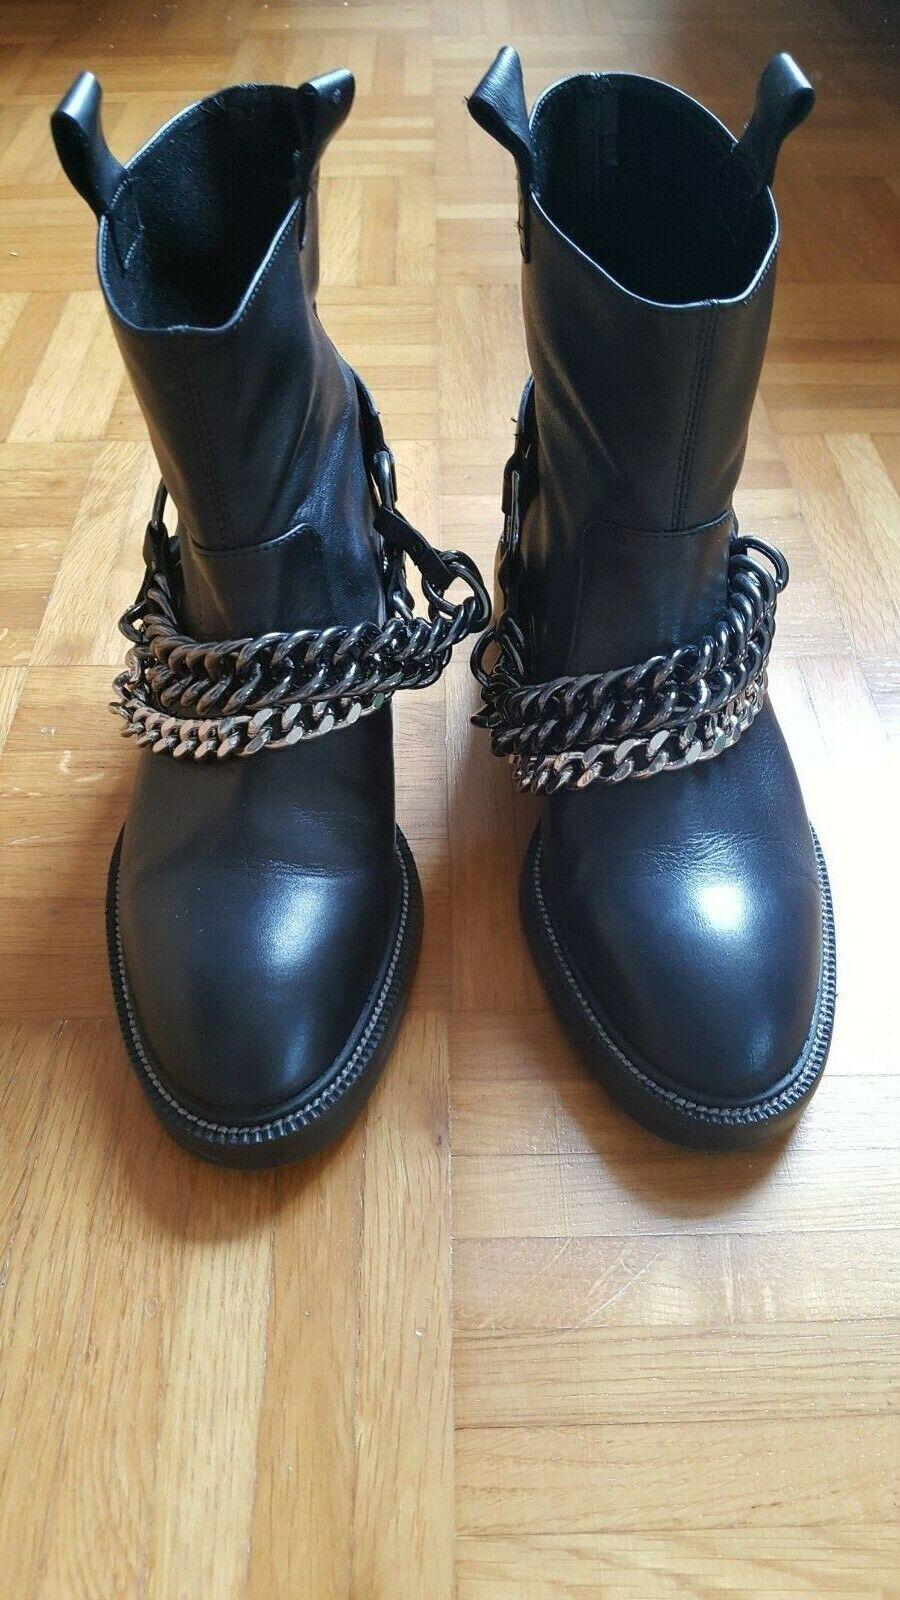 Verkauf mit hohem Rabatt Zara Stiefelletten schwarz Gr.37